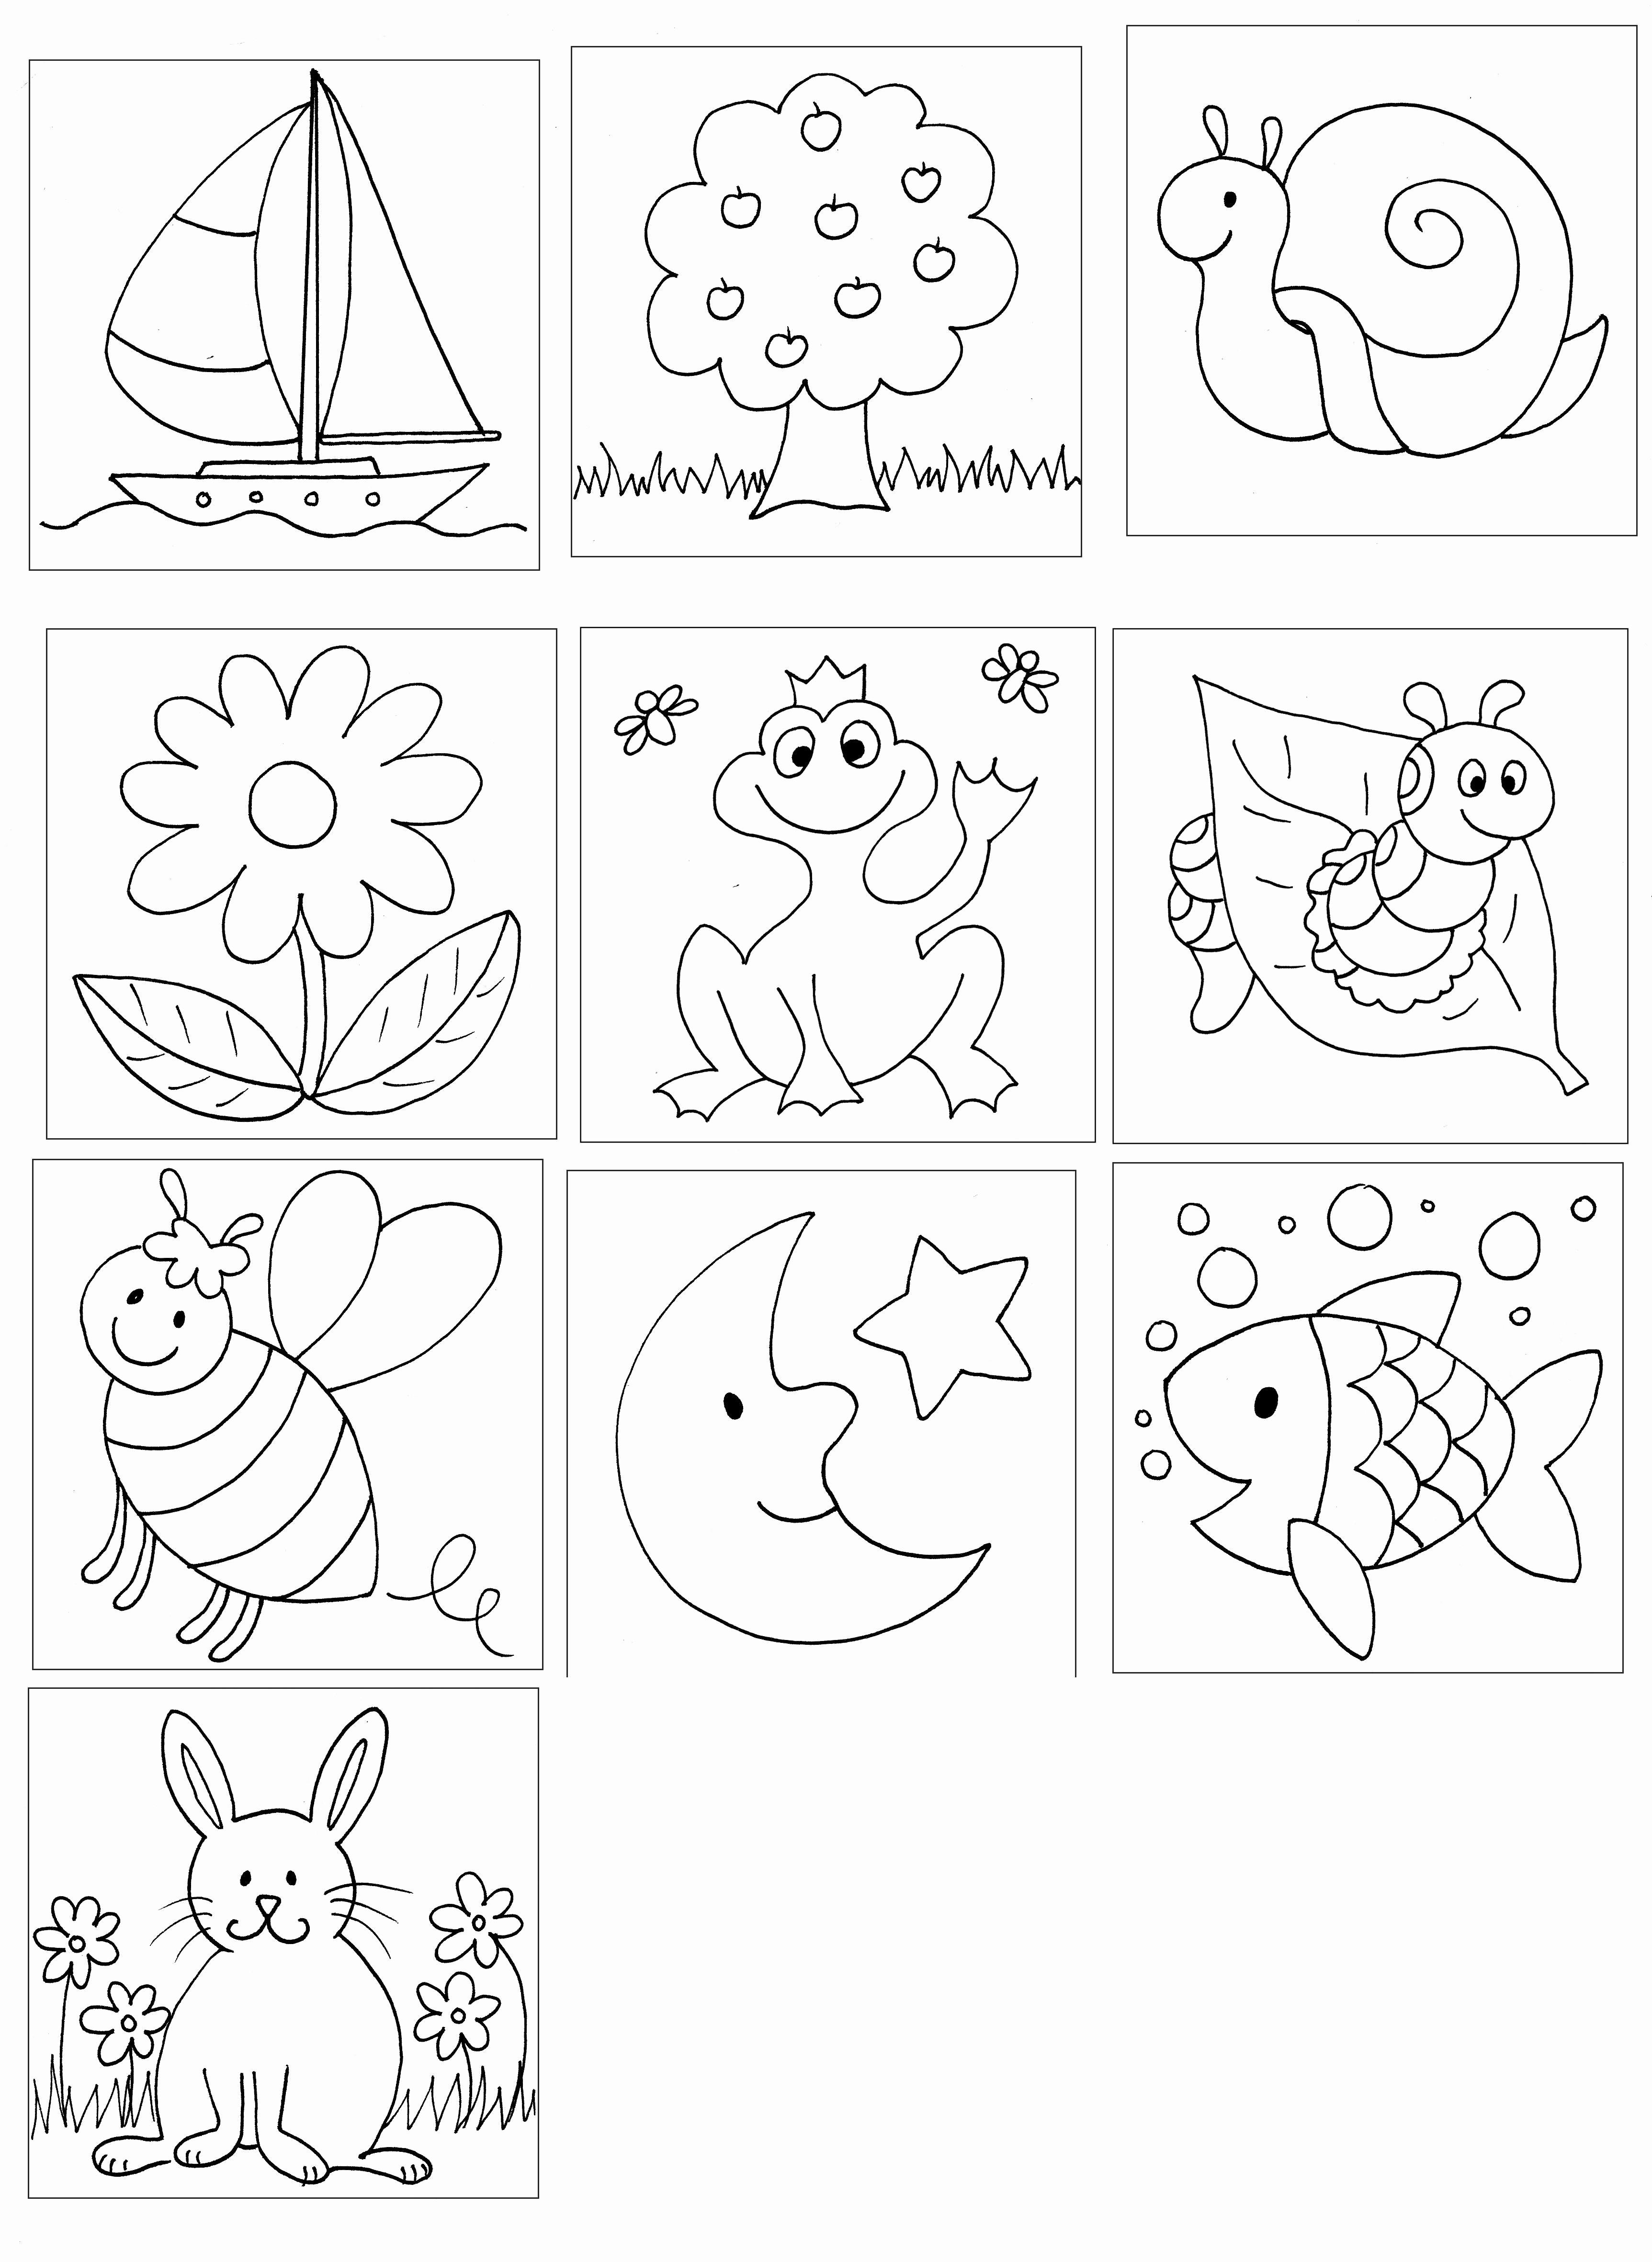 Soy Luna Ausmalbilder Das Beste Von Dessin soy Luna A Imprimer Luxe 35 soy Luna Ausmalbilder Das Bild